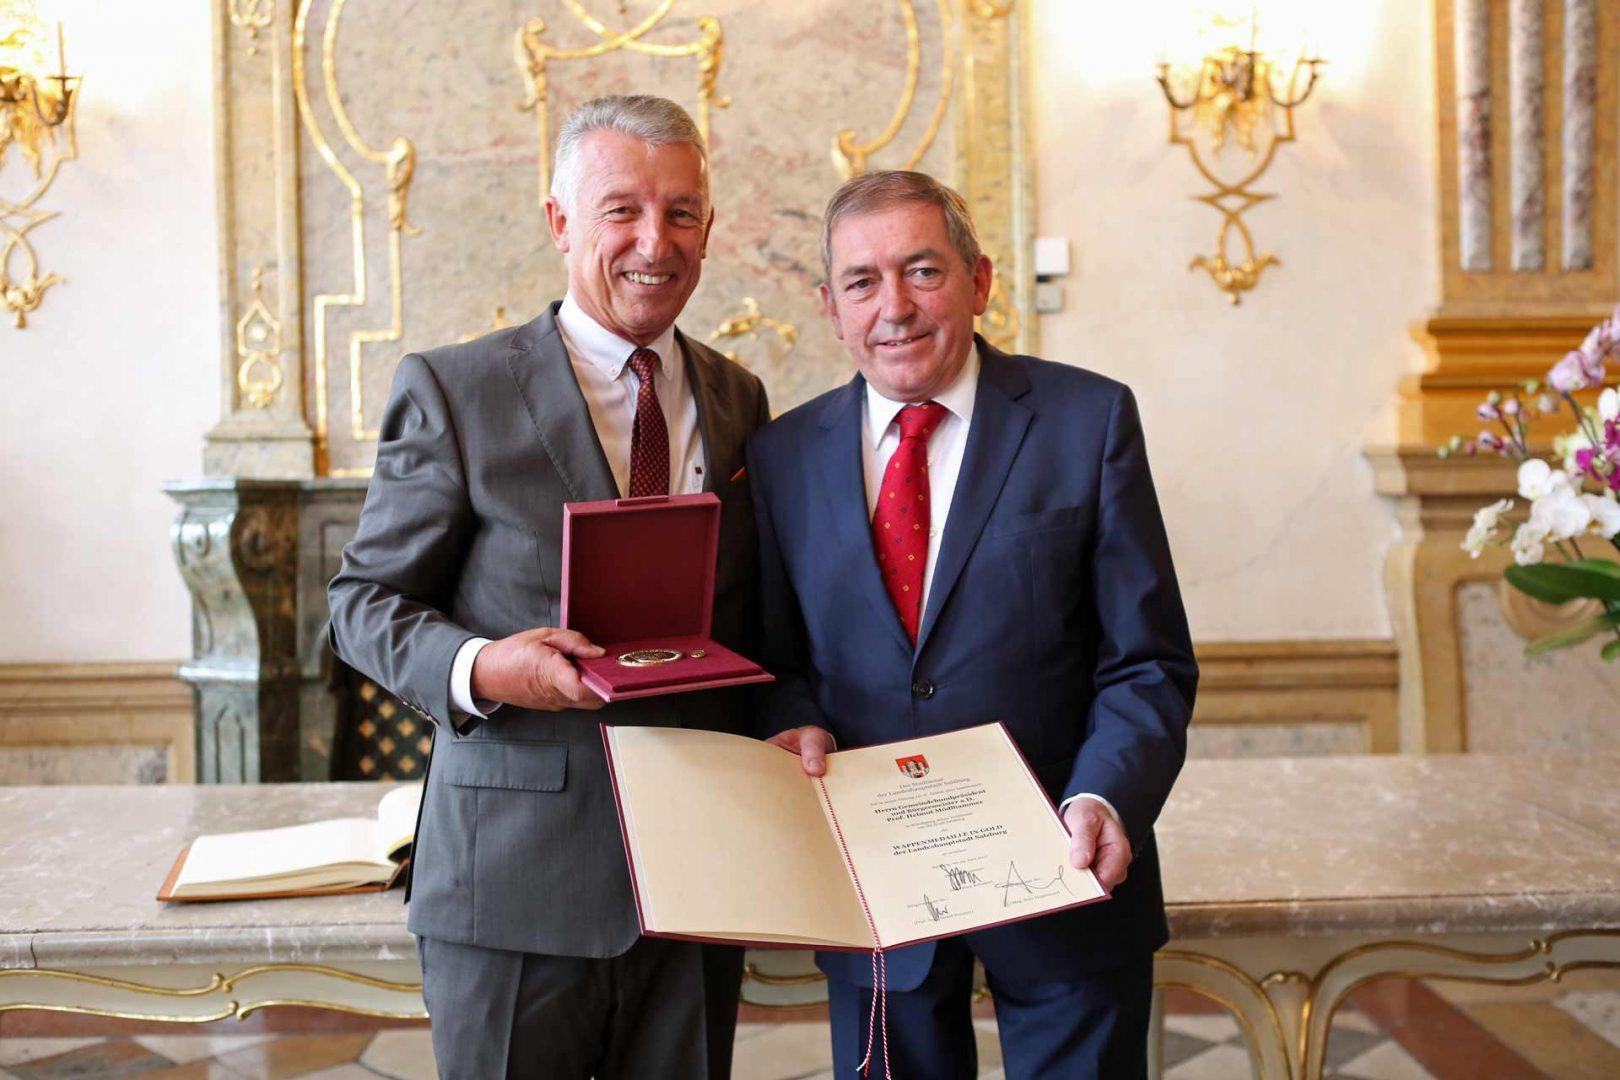 Den Start des Reigens machte am Donnerstagvormittag Salzburgs Bürgermeister Heinz Schaden mit der Ehrenwappenmedaille in Gold. Das ist die höchste Auszeichnung der Stadt. ©Schuller